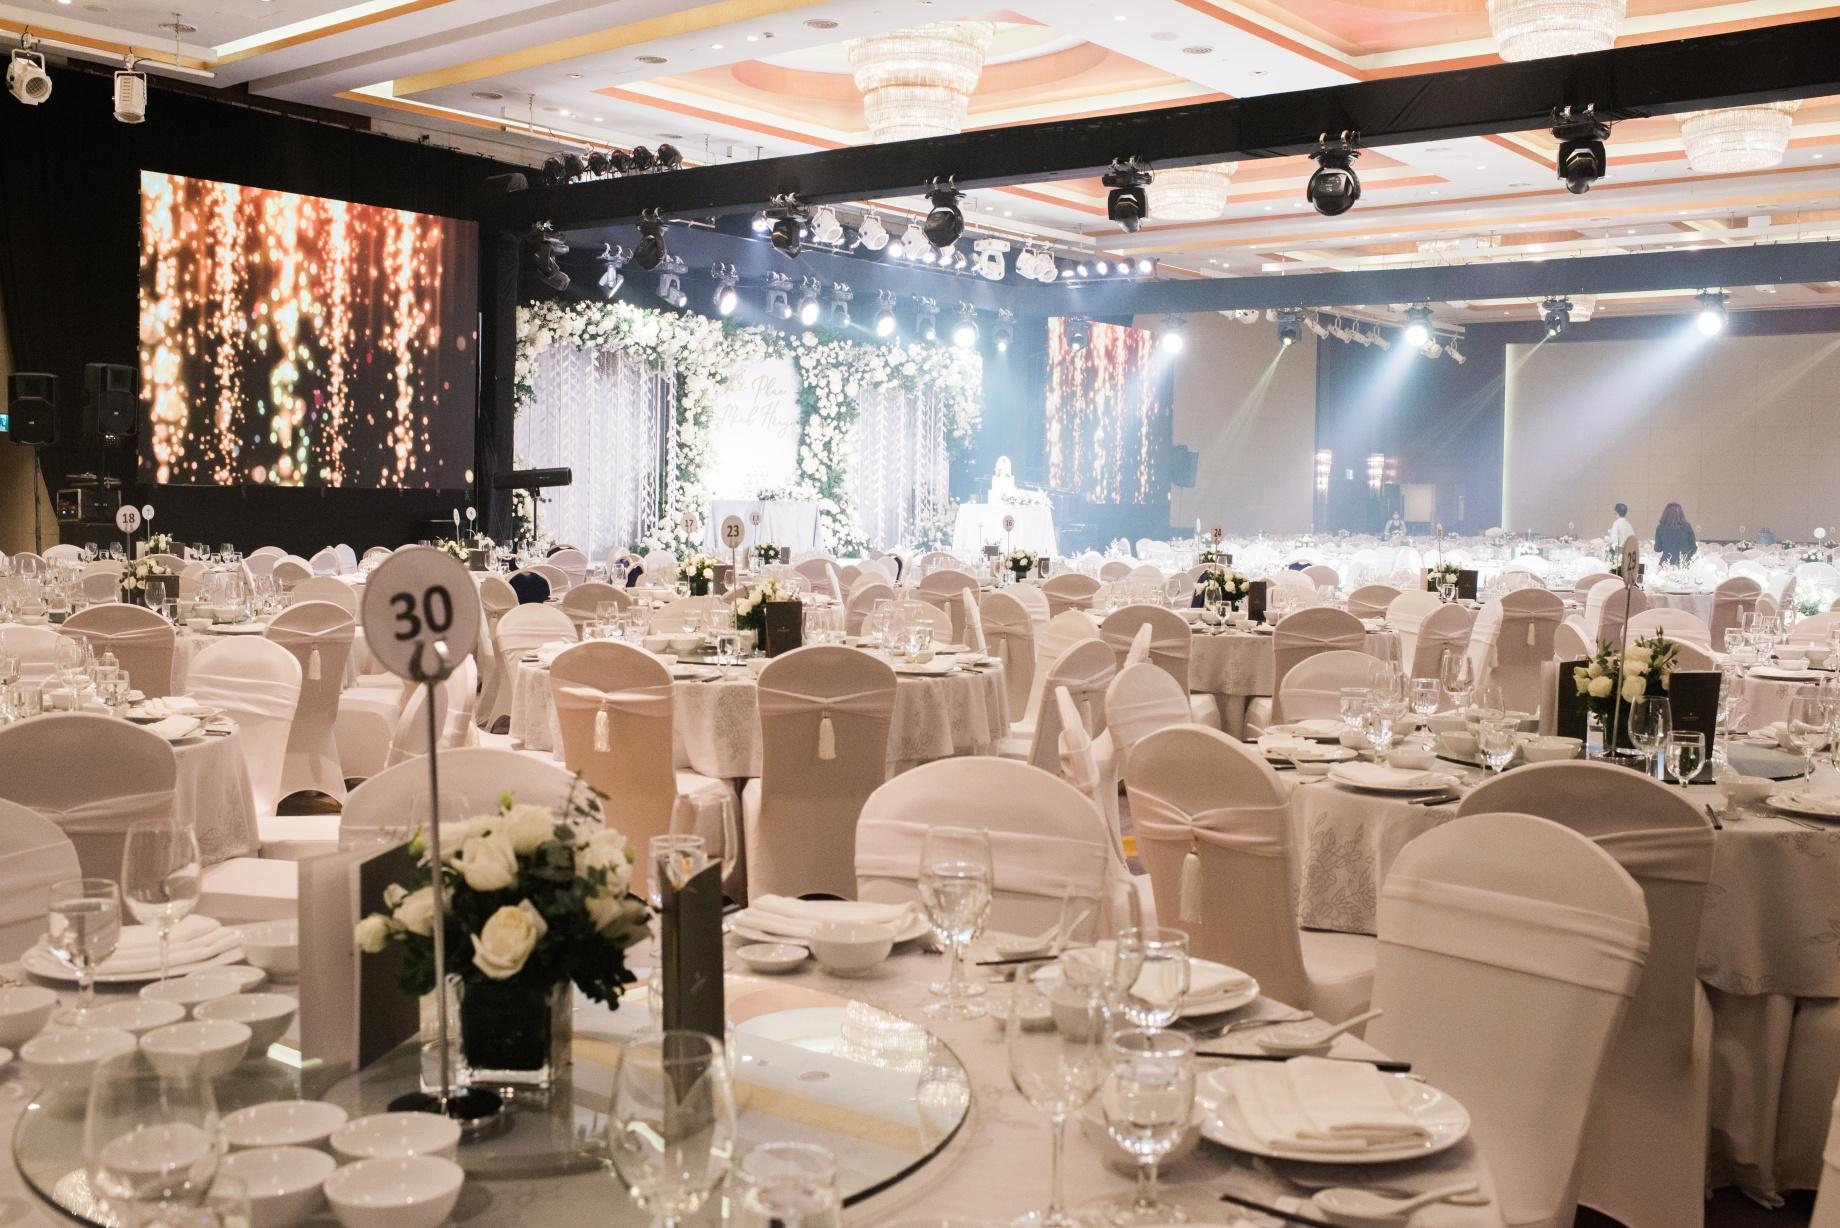 Hanoi hotel wedding banquet